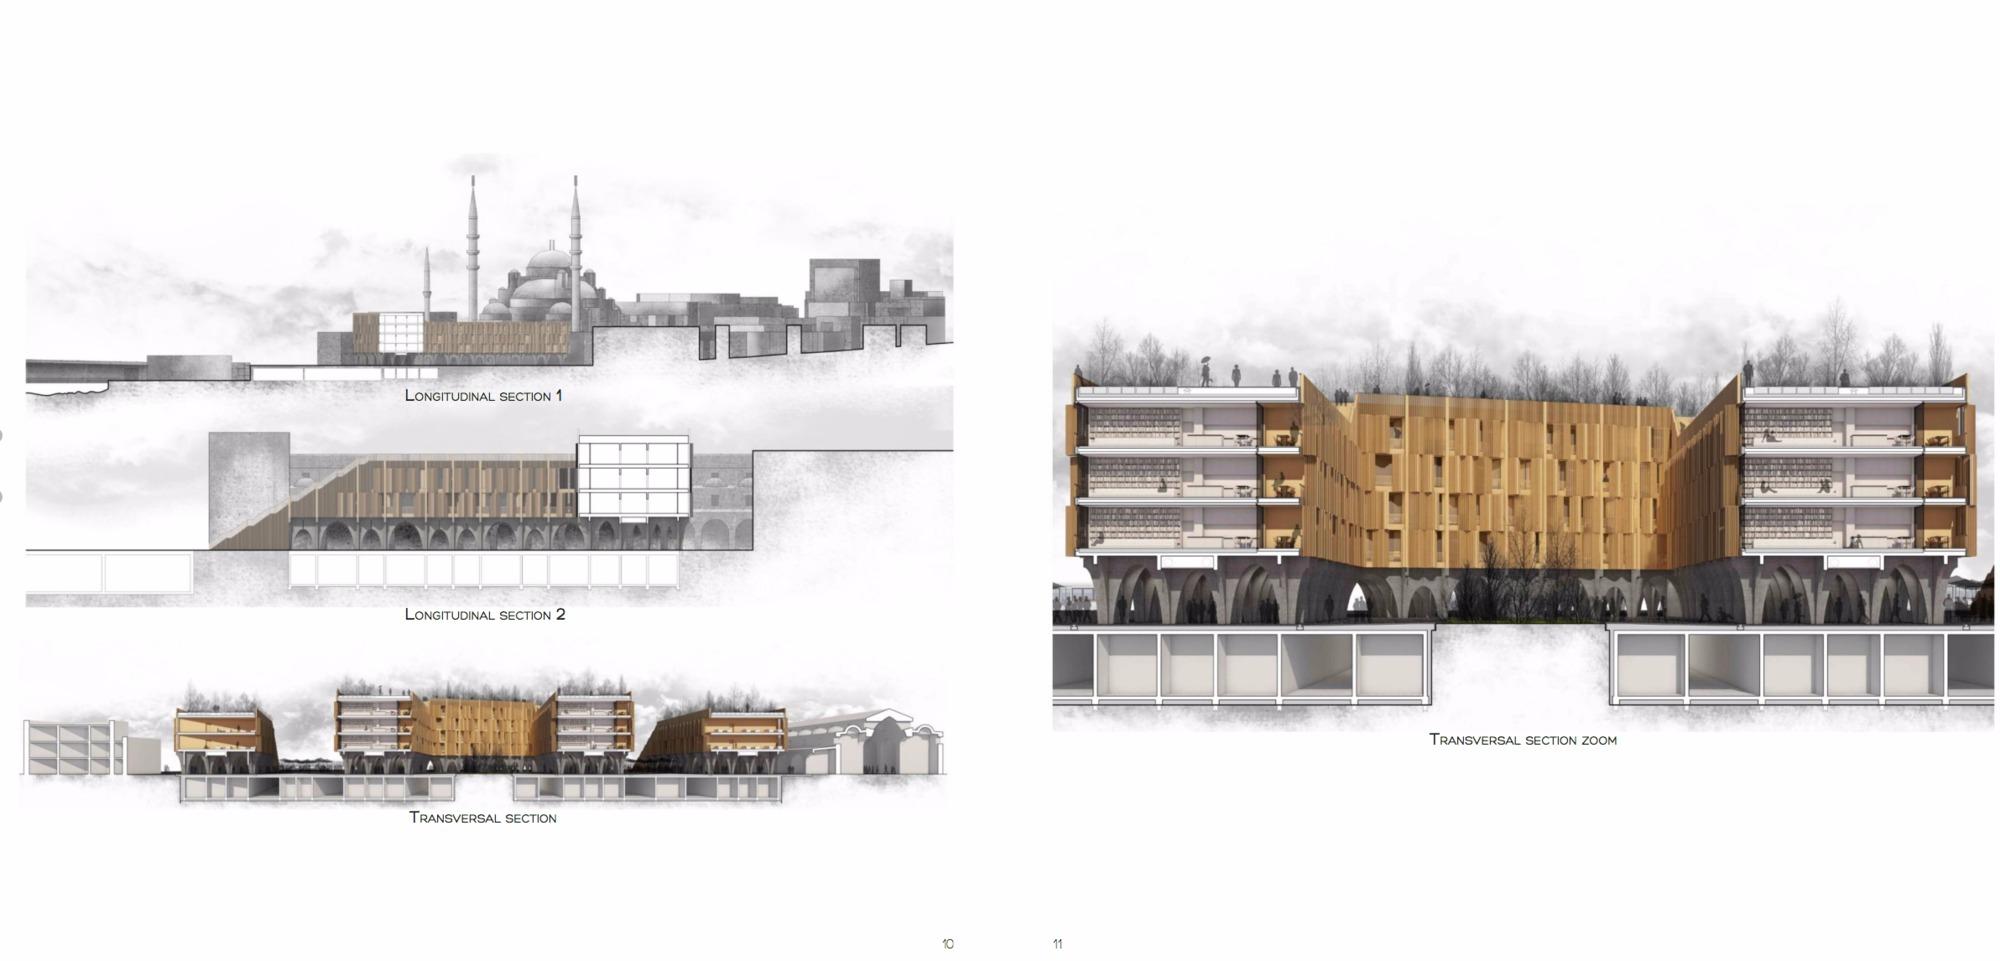 Geliebte The Best Architecture Portfolio Designs | ArchDaily @JZ_26